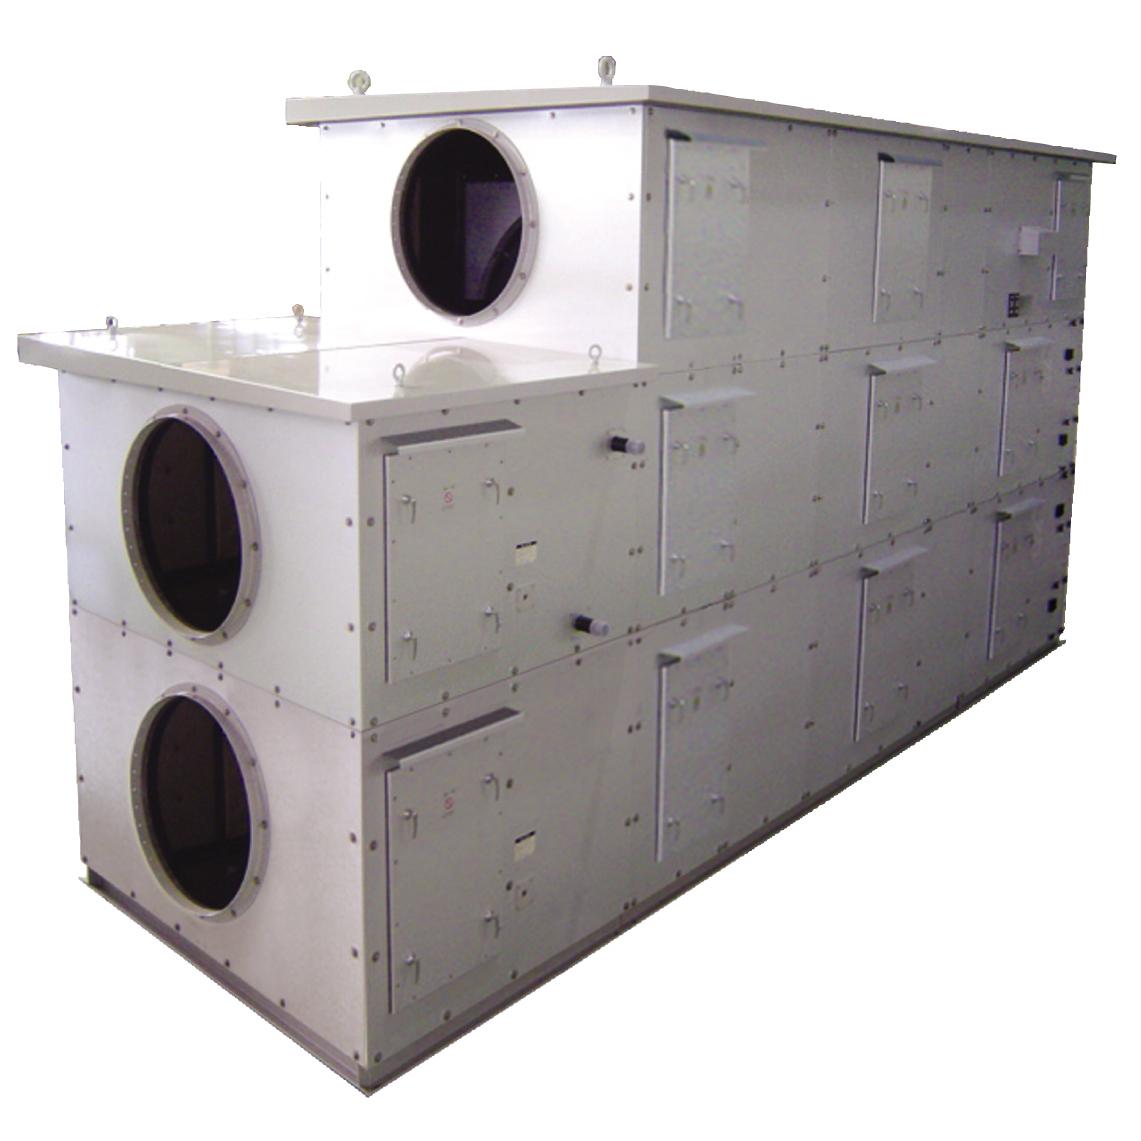 デシカント外気処理機/空調機